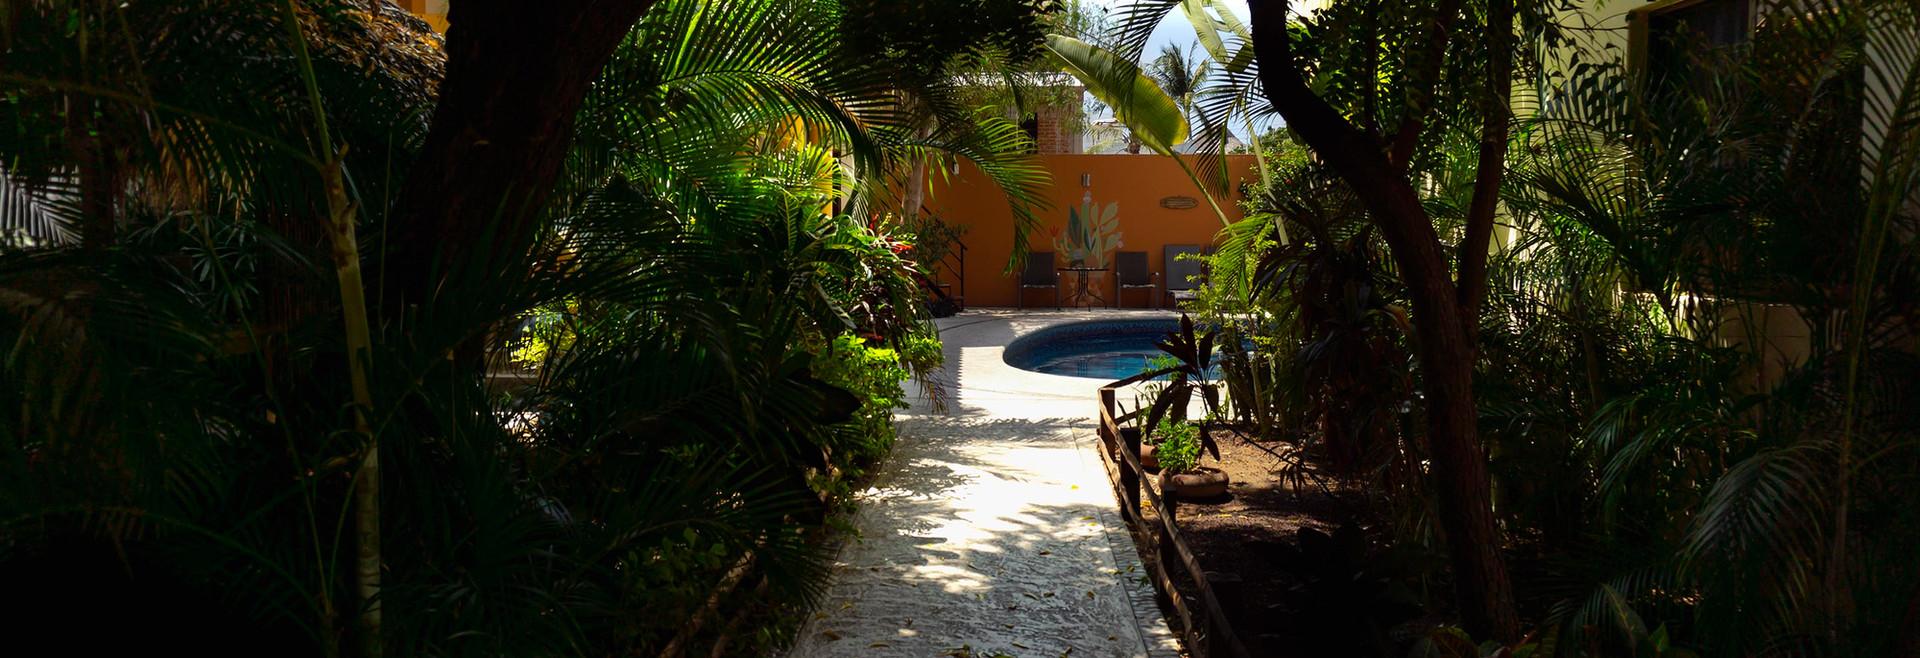 La Barca - Common Area 12.jpg